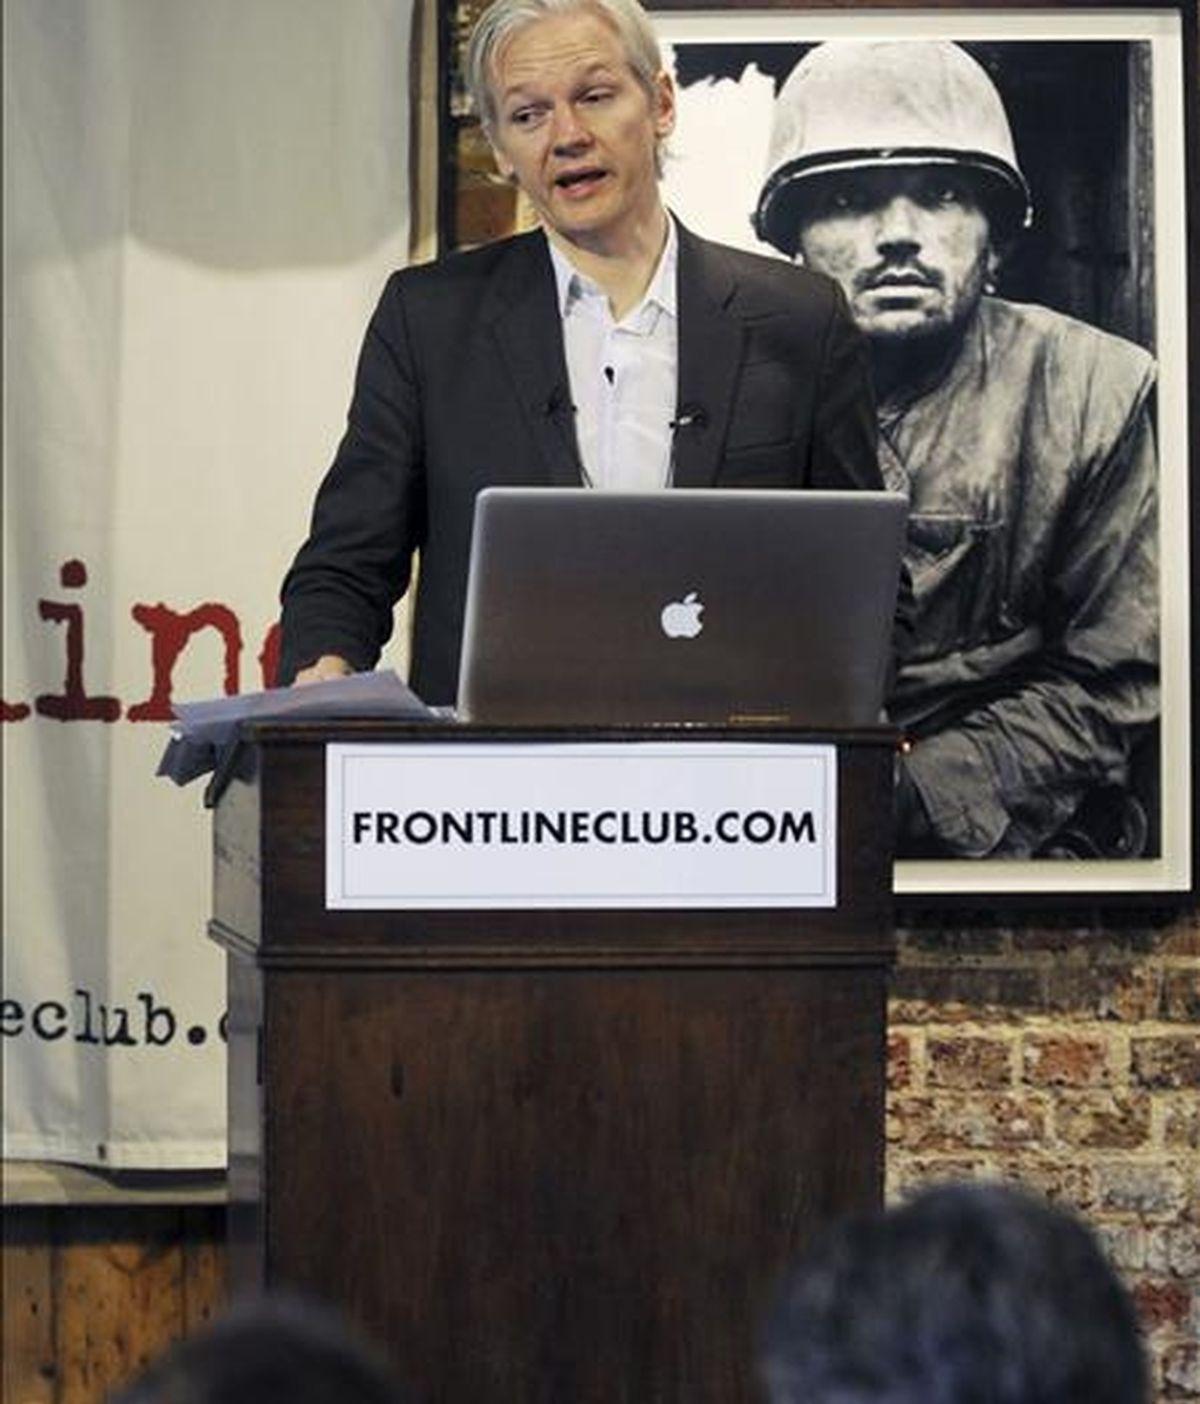 Fotografía tomada el 26 de julio de 2010 que muestra al fundador de Wikileaks, Julian Assange, durante una rueda de prensa en el Frontline Club de Londres (Reino Unido). El Tribunal Supremo de Suecia rechazó hoy, 2 de diciembre de 2010, el recurso de la defensa de Julian Assange, fundador del polémico portal de internet Wikileaks, y mantuvo la orden de ingreso en prisión en su contra por varios supuestos delitos sexuales. EFE